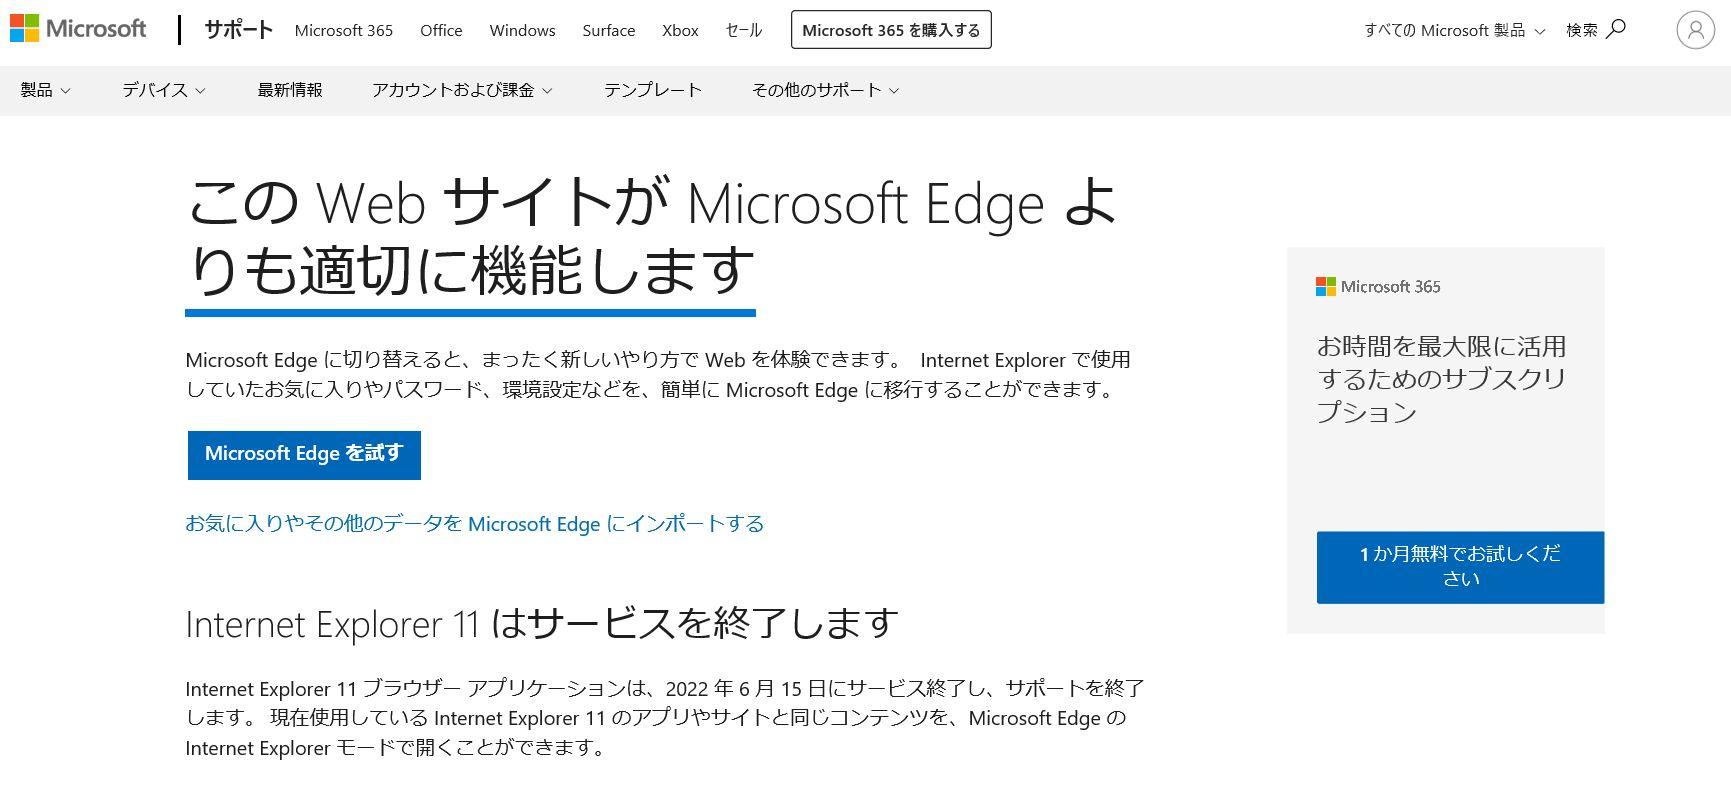 この Web サイトが Microsoft Edge よりも適切に機能します